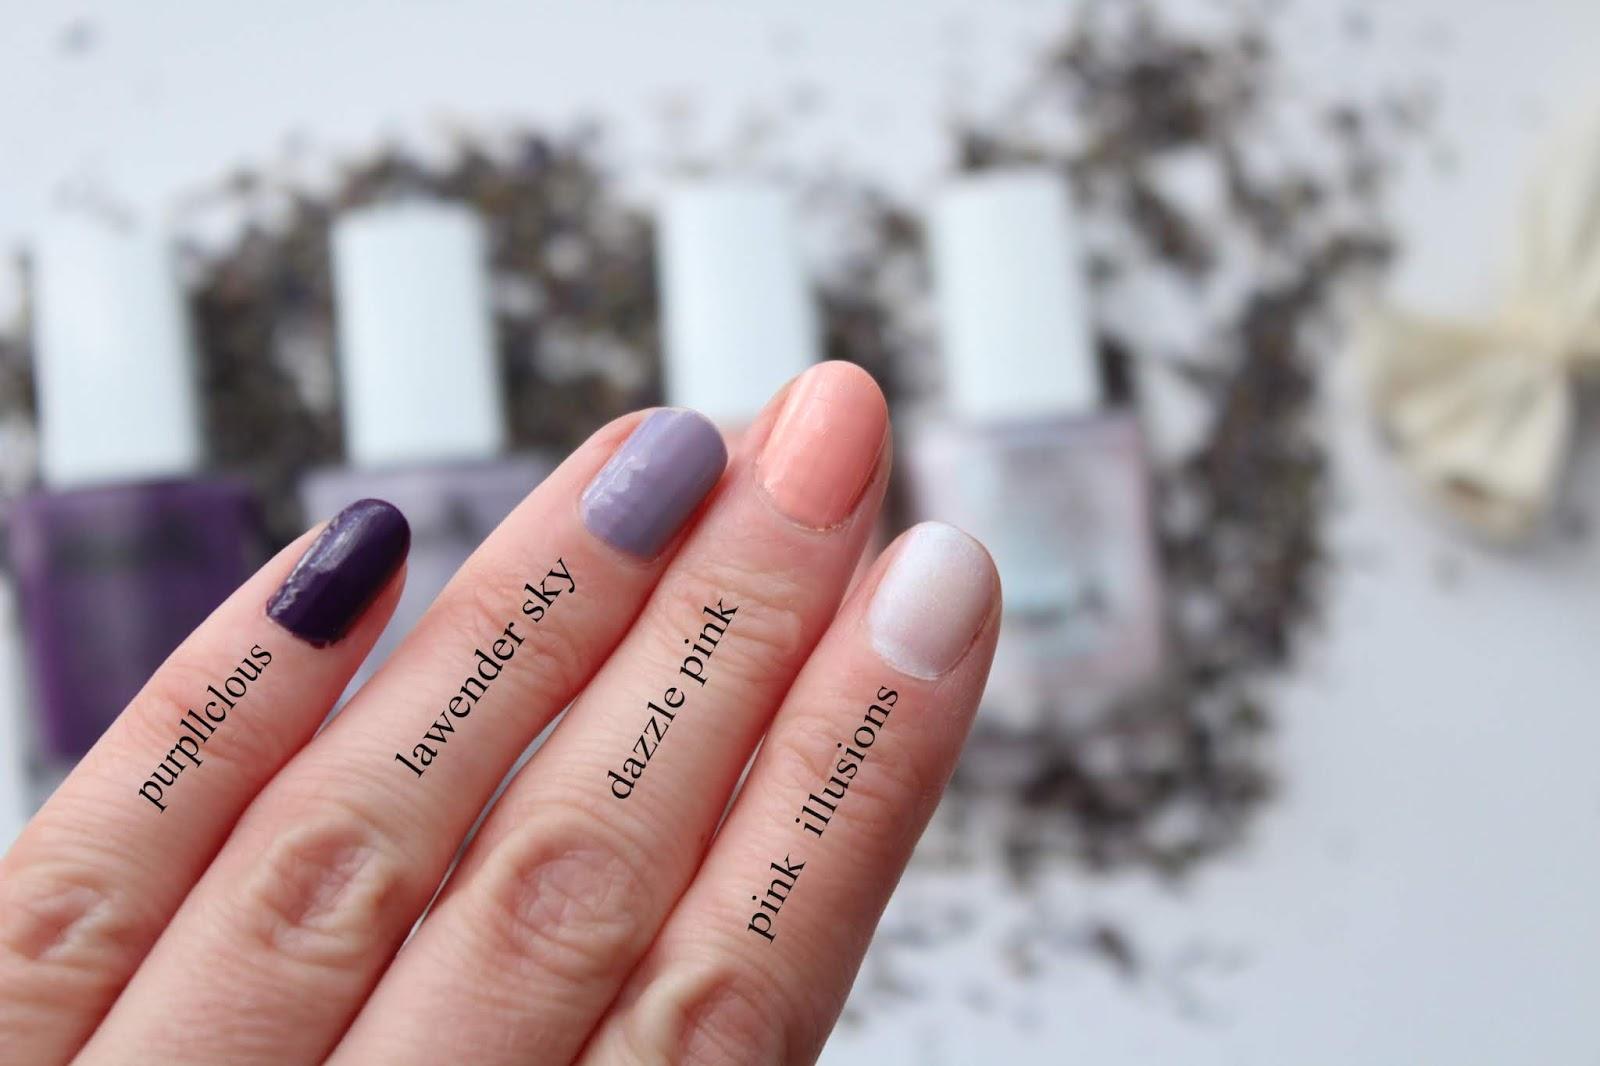 lakiery do paznokci mark, modne kolory, fiolety na paznokciach